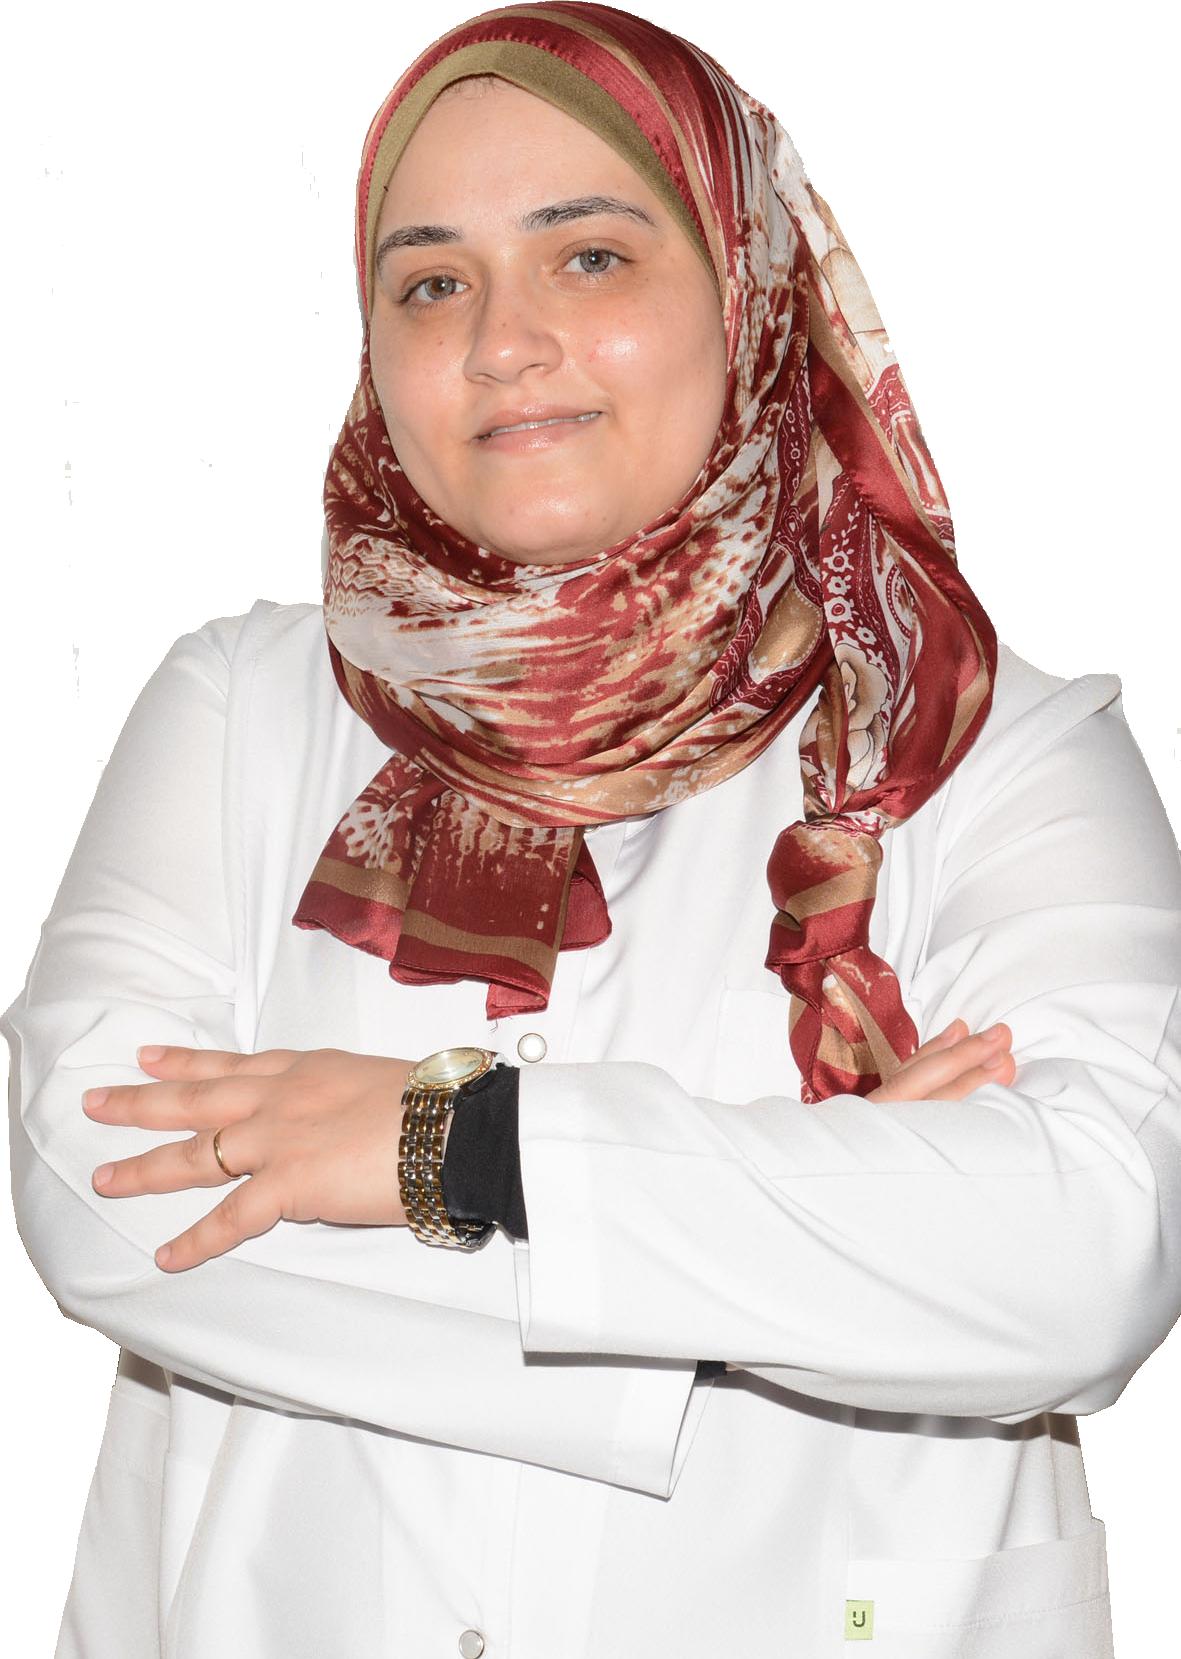 د. إيمان حمدي